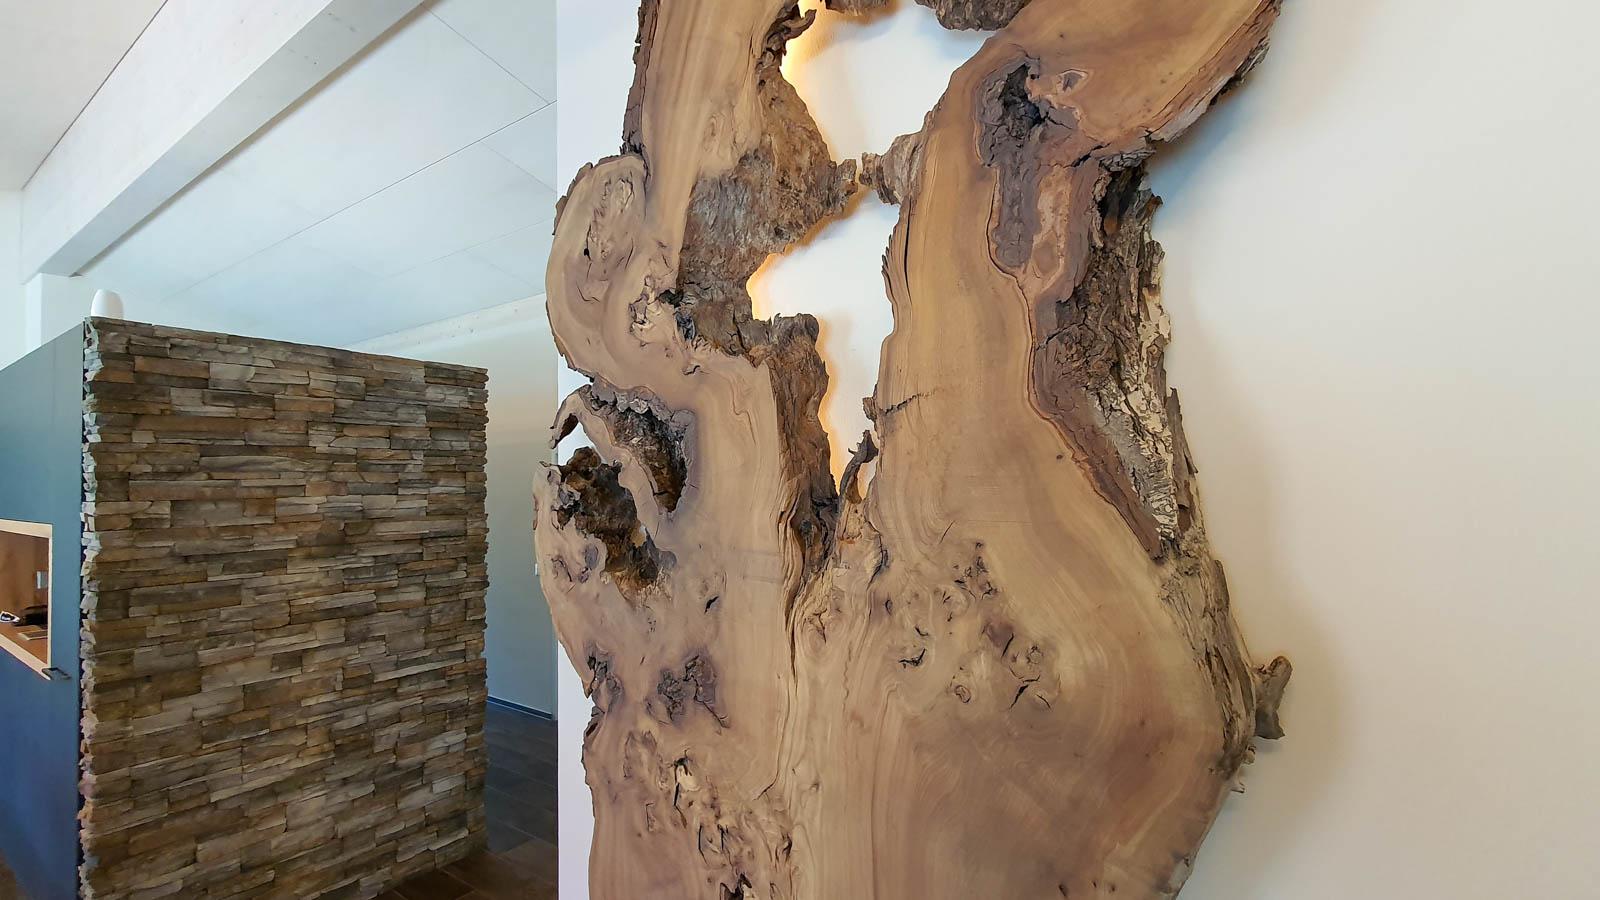 Wooddesign_Wohnzimmermöbel_Design_Holzbild_Ulme_Schwarzstahl_Raumhoch_Pflanzentopf (3)